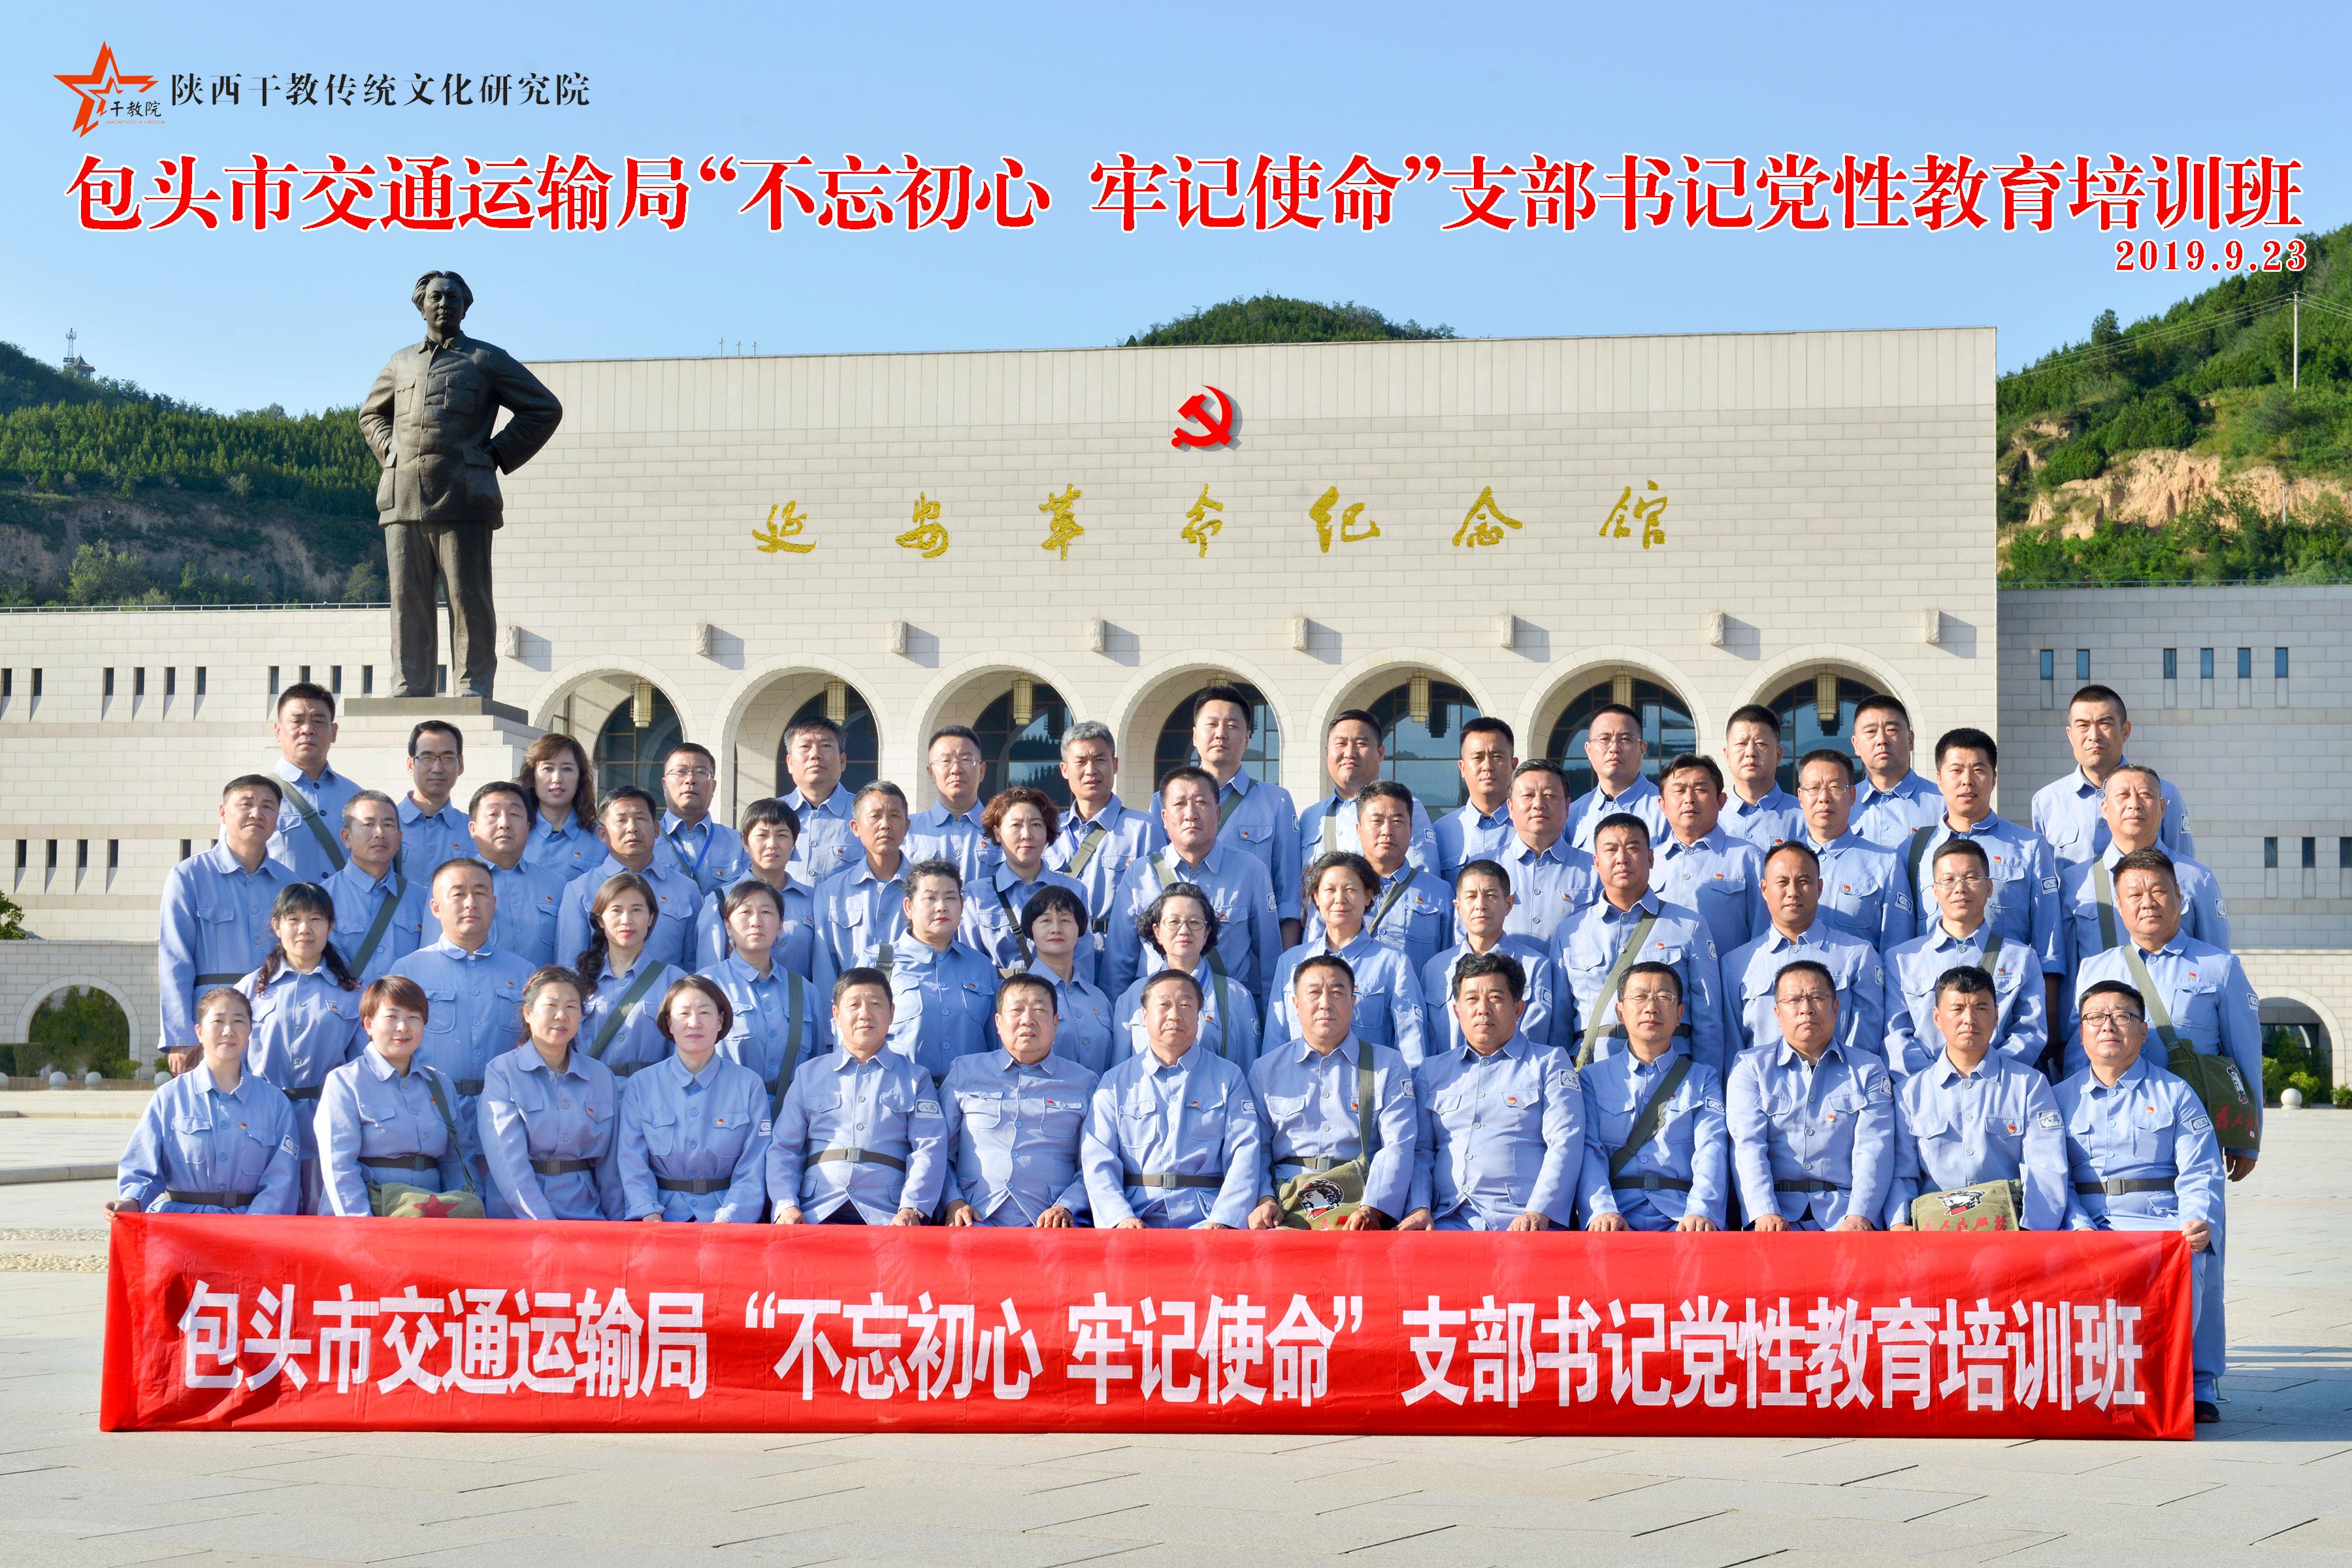 陕西正领文化研究院 | 欢迎包头市交通运输局的学员们来延安接受